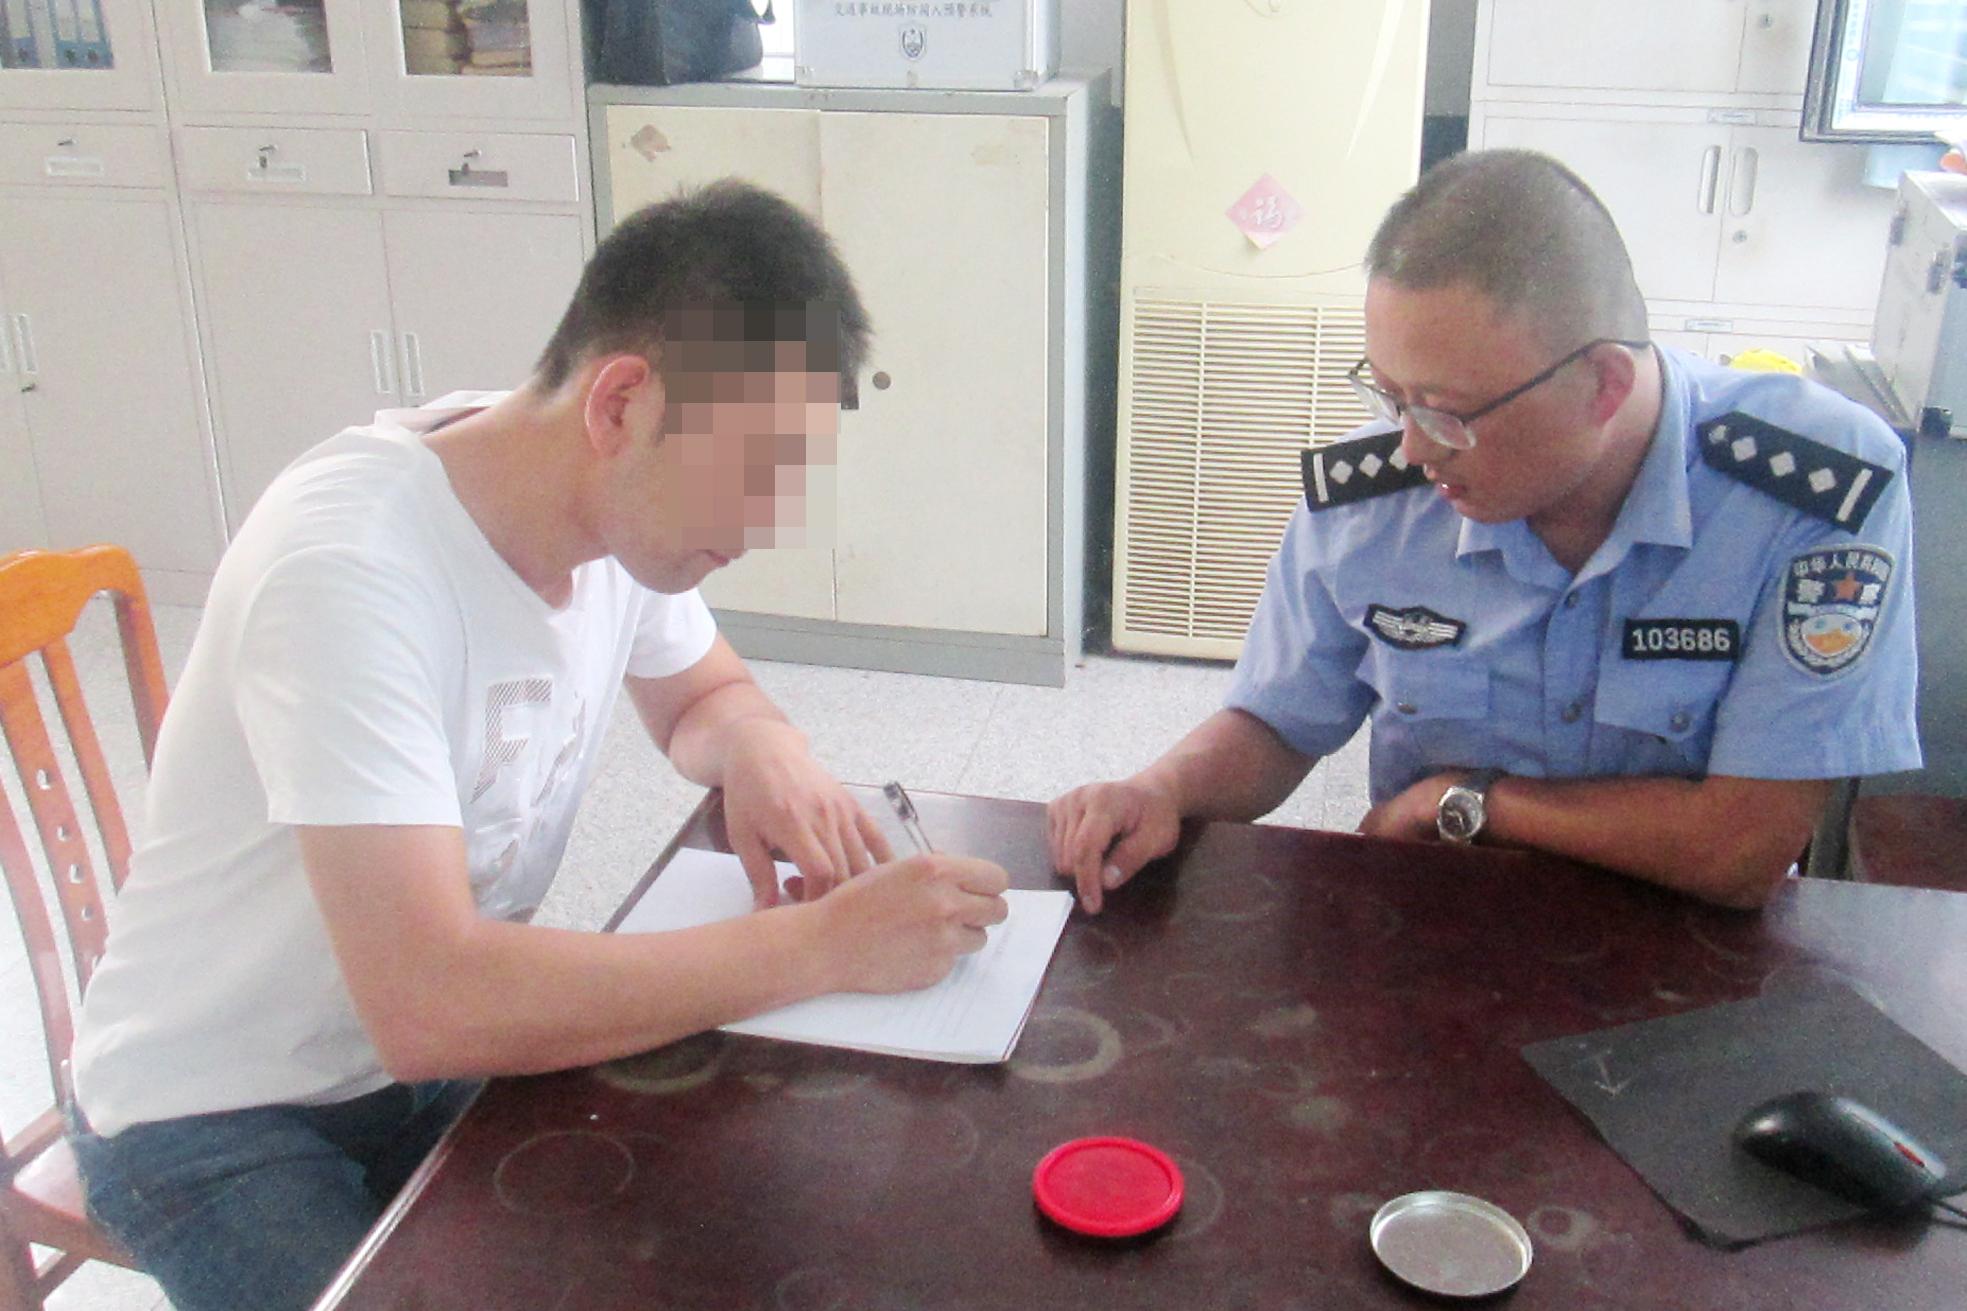 青岛:无牌报废车撞老人后逃逸,车标锁定肇事司机